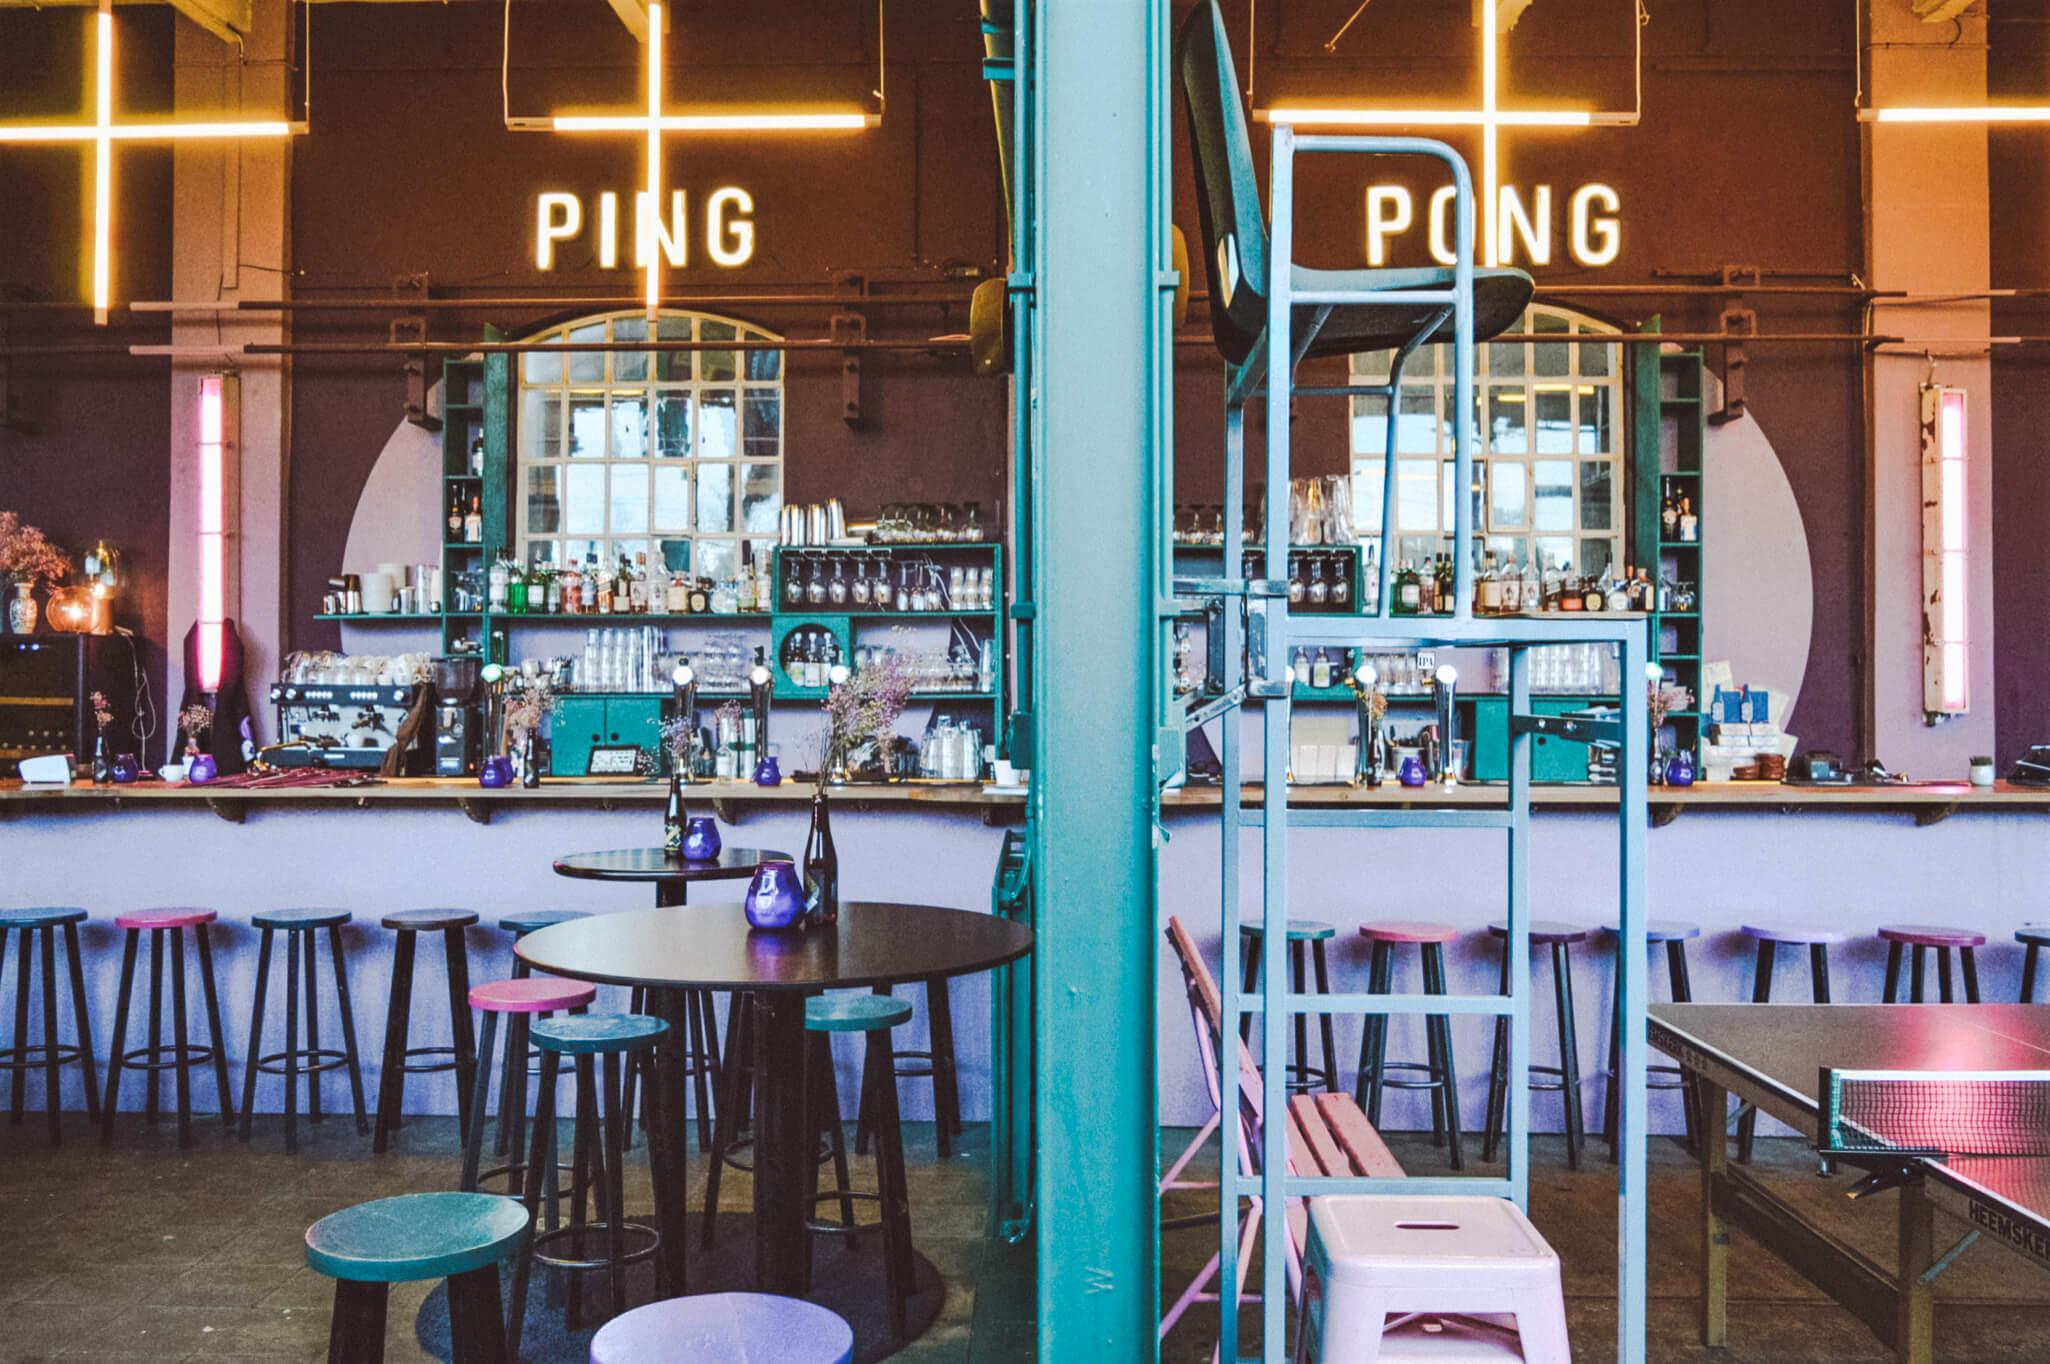 PING PONG CLUB UTRECHT: UTRECHTSTE BIERTJES & ARABISCHE MEZZE IN TREINLOODS